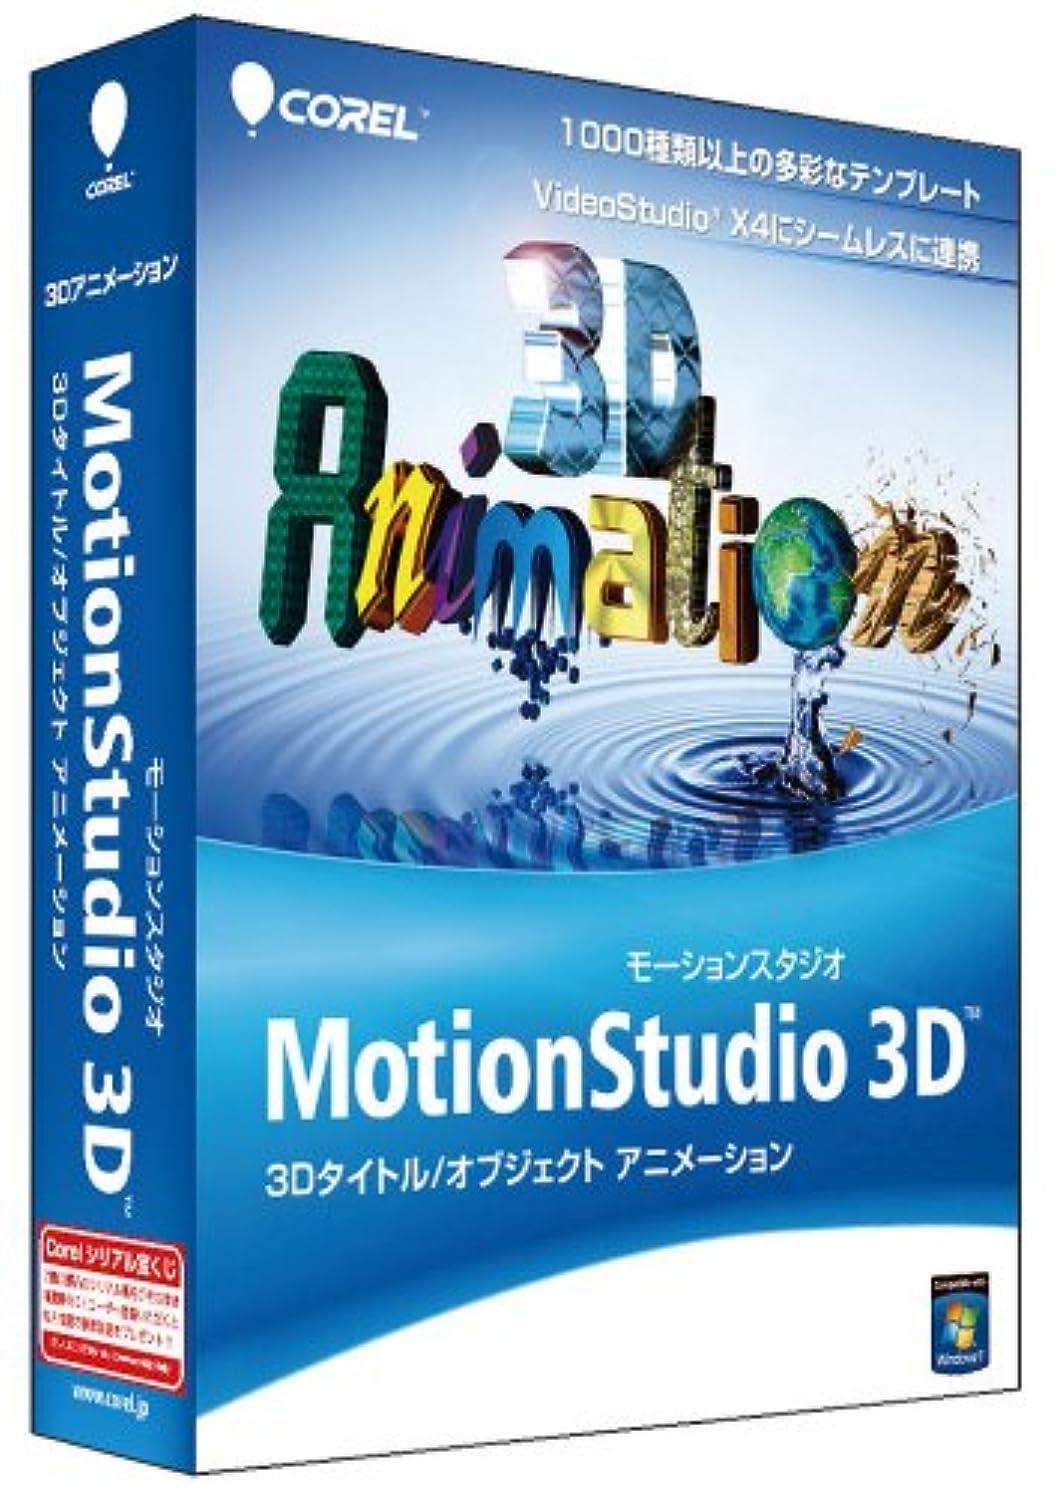 郵便番号バンカー叫ぶMotionStudio 3D 通常版